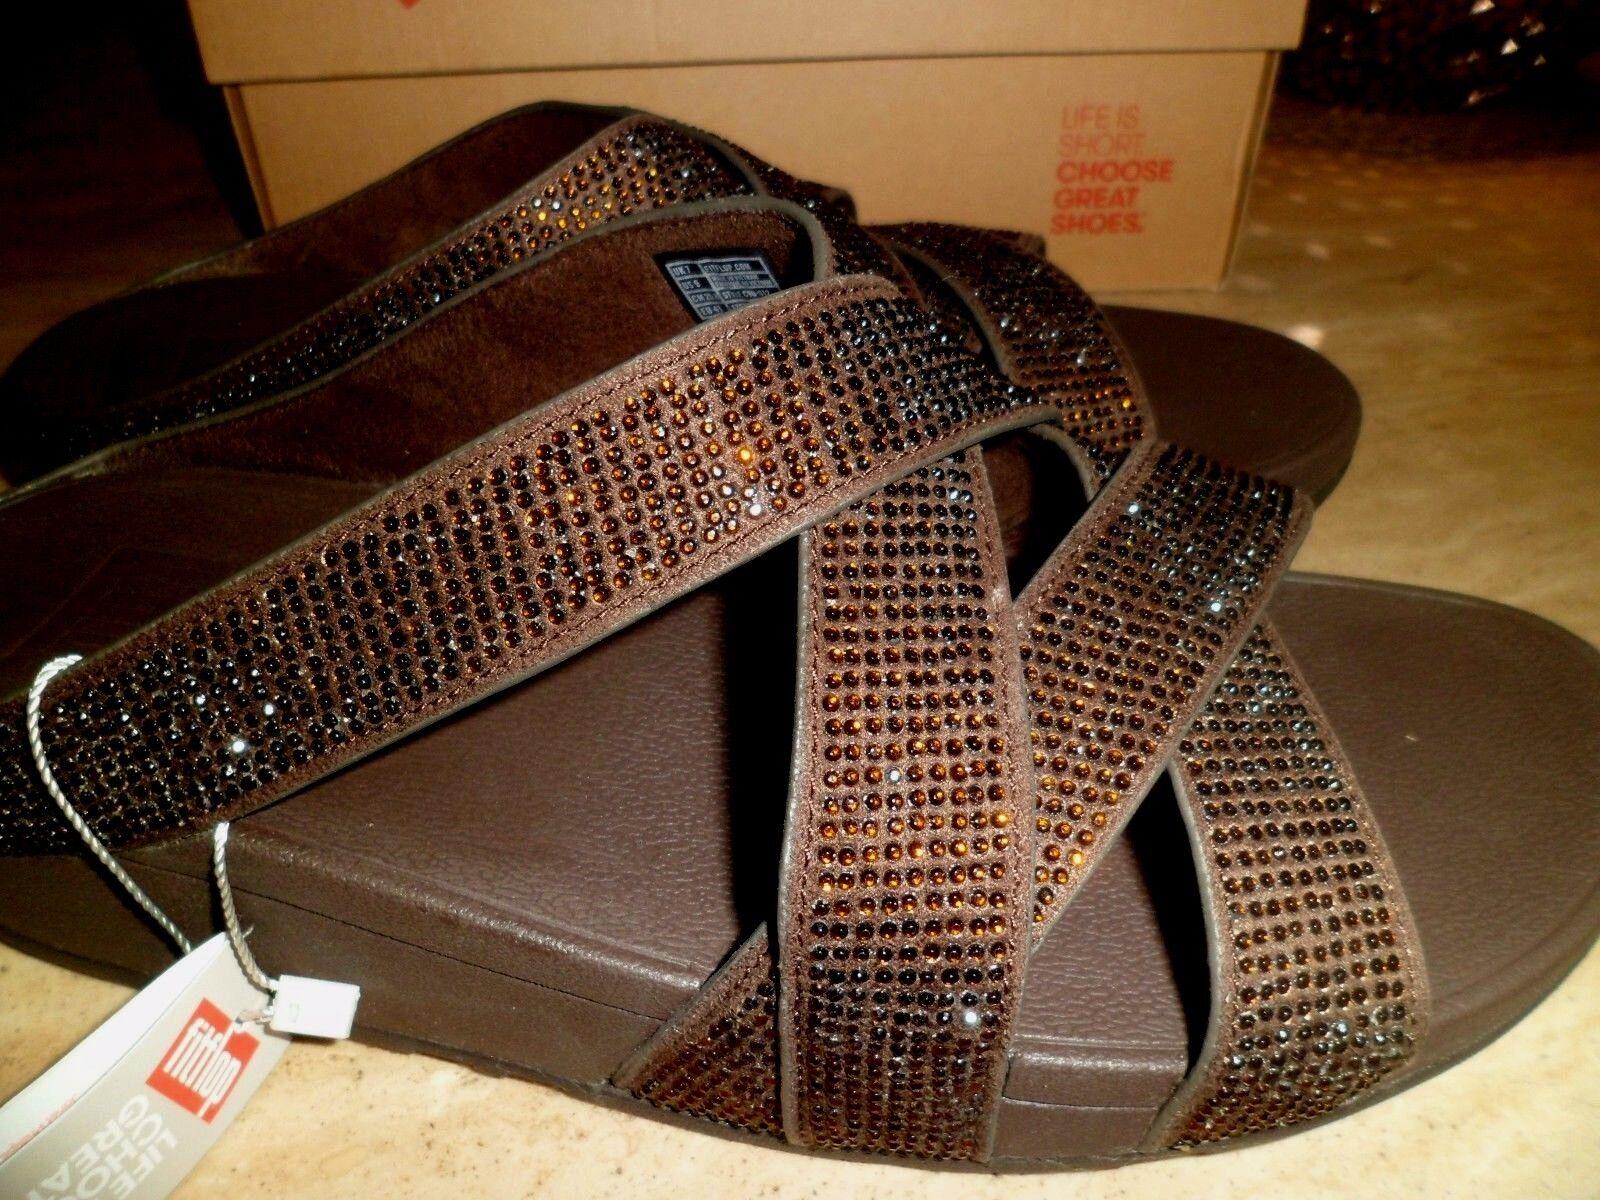 BNIB FitFlop FitFlop BNIB Slinky Rokkit criss cross slide in Bronze  UK 7 EU 41 4ee0e6